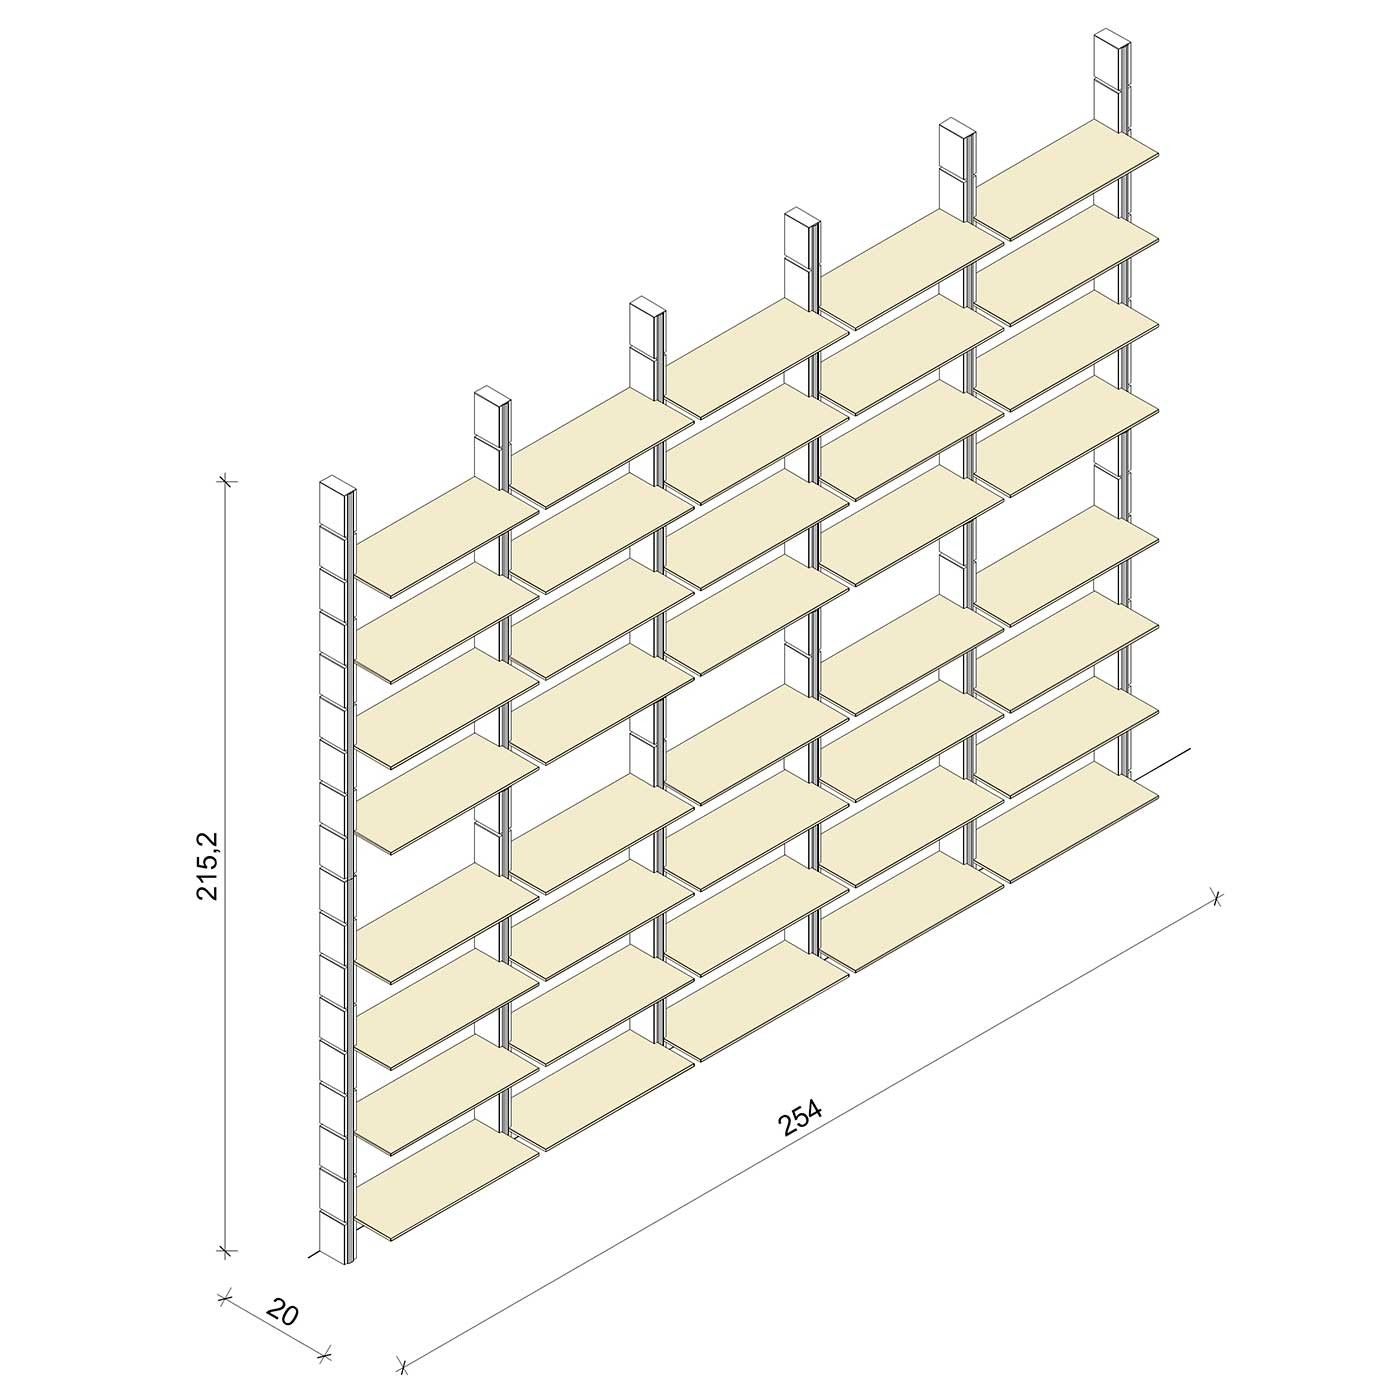 Bücherregal - Basic (XL) 254 - Maß: 254 x 215,2 x 20 cm (B x H x T)